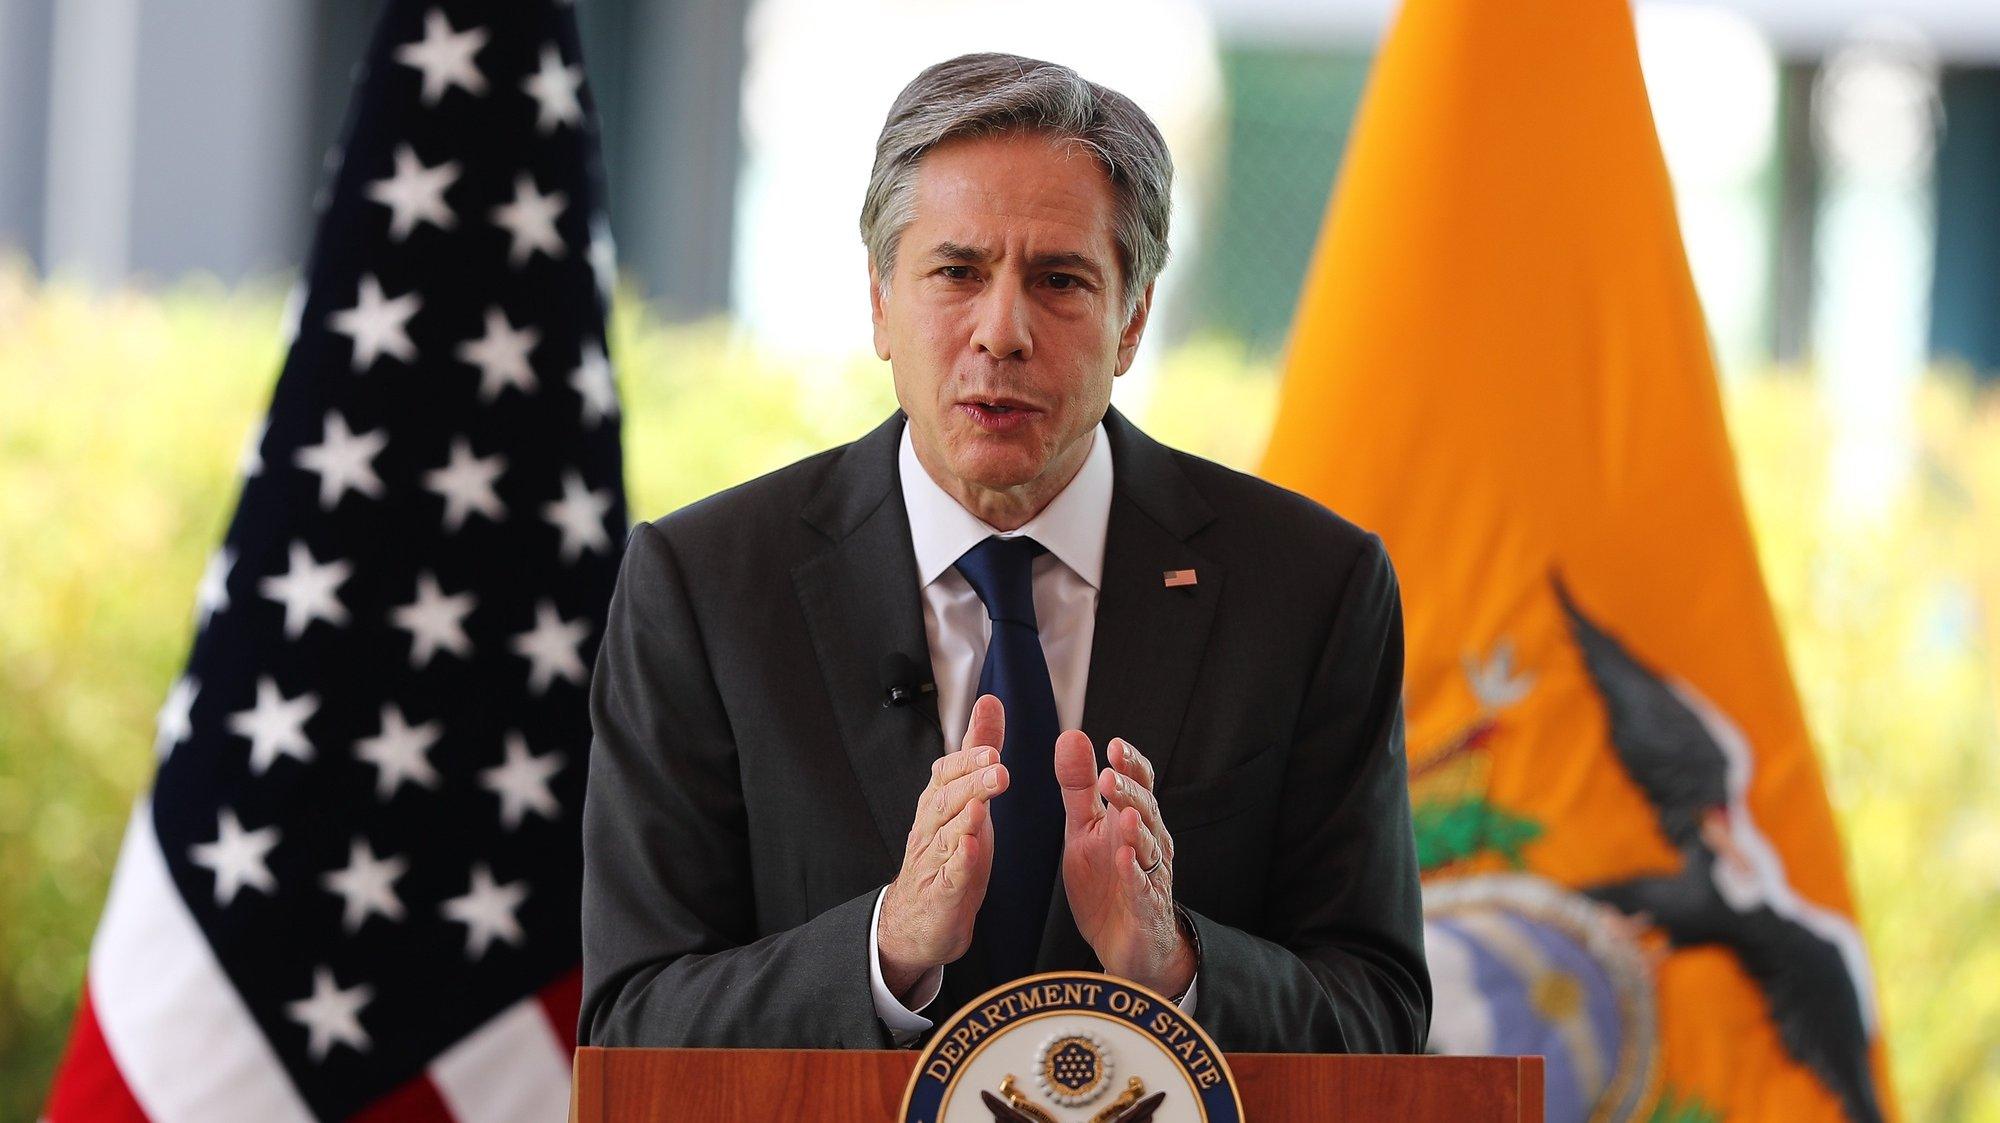 Secretário de estado dos Estados Unidos da América, Antony Blinken, fala durante uma conferência de imprensa